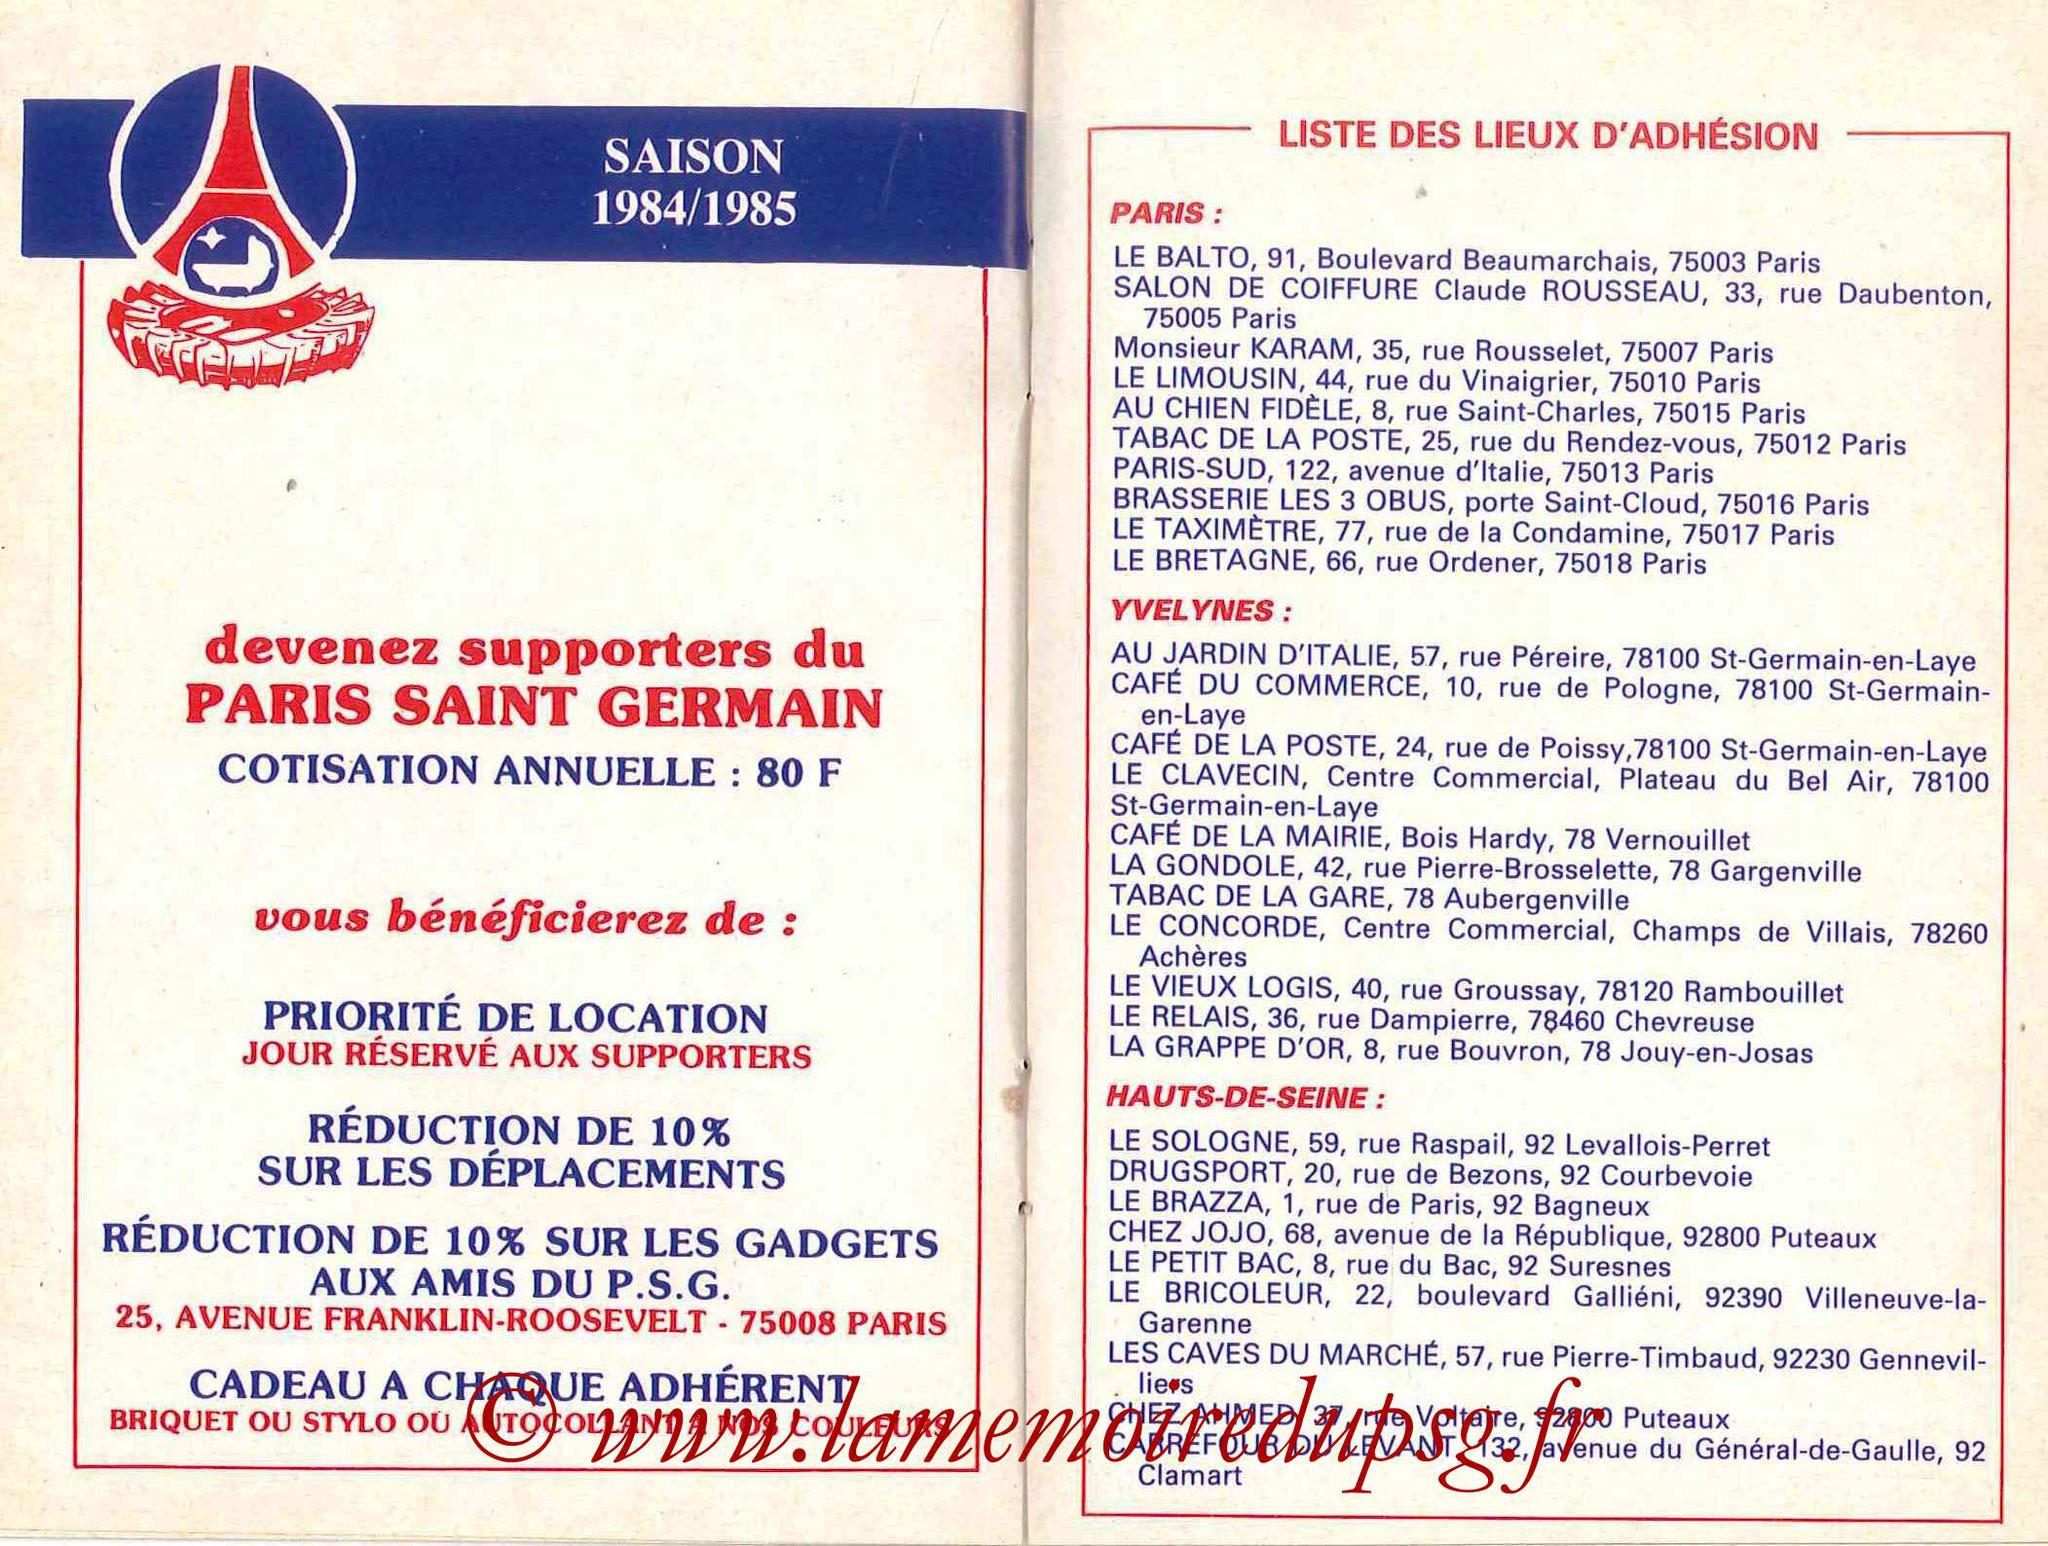 1984-85 - Guide de la Saison PSG - Pages 18 et 19